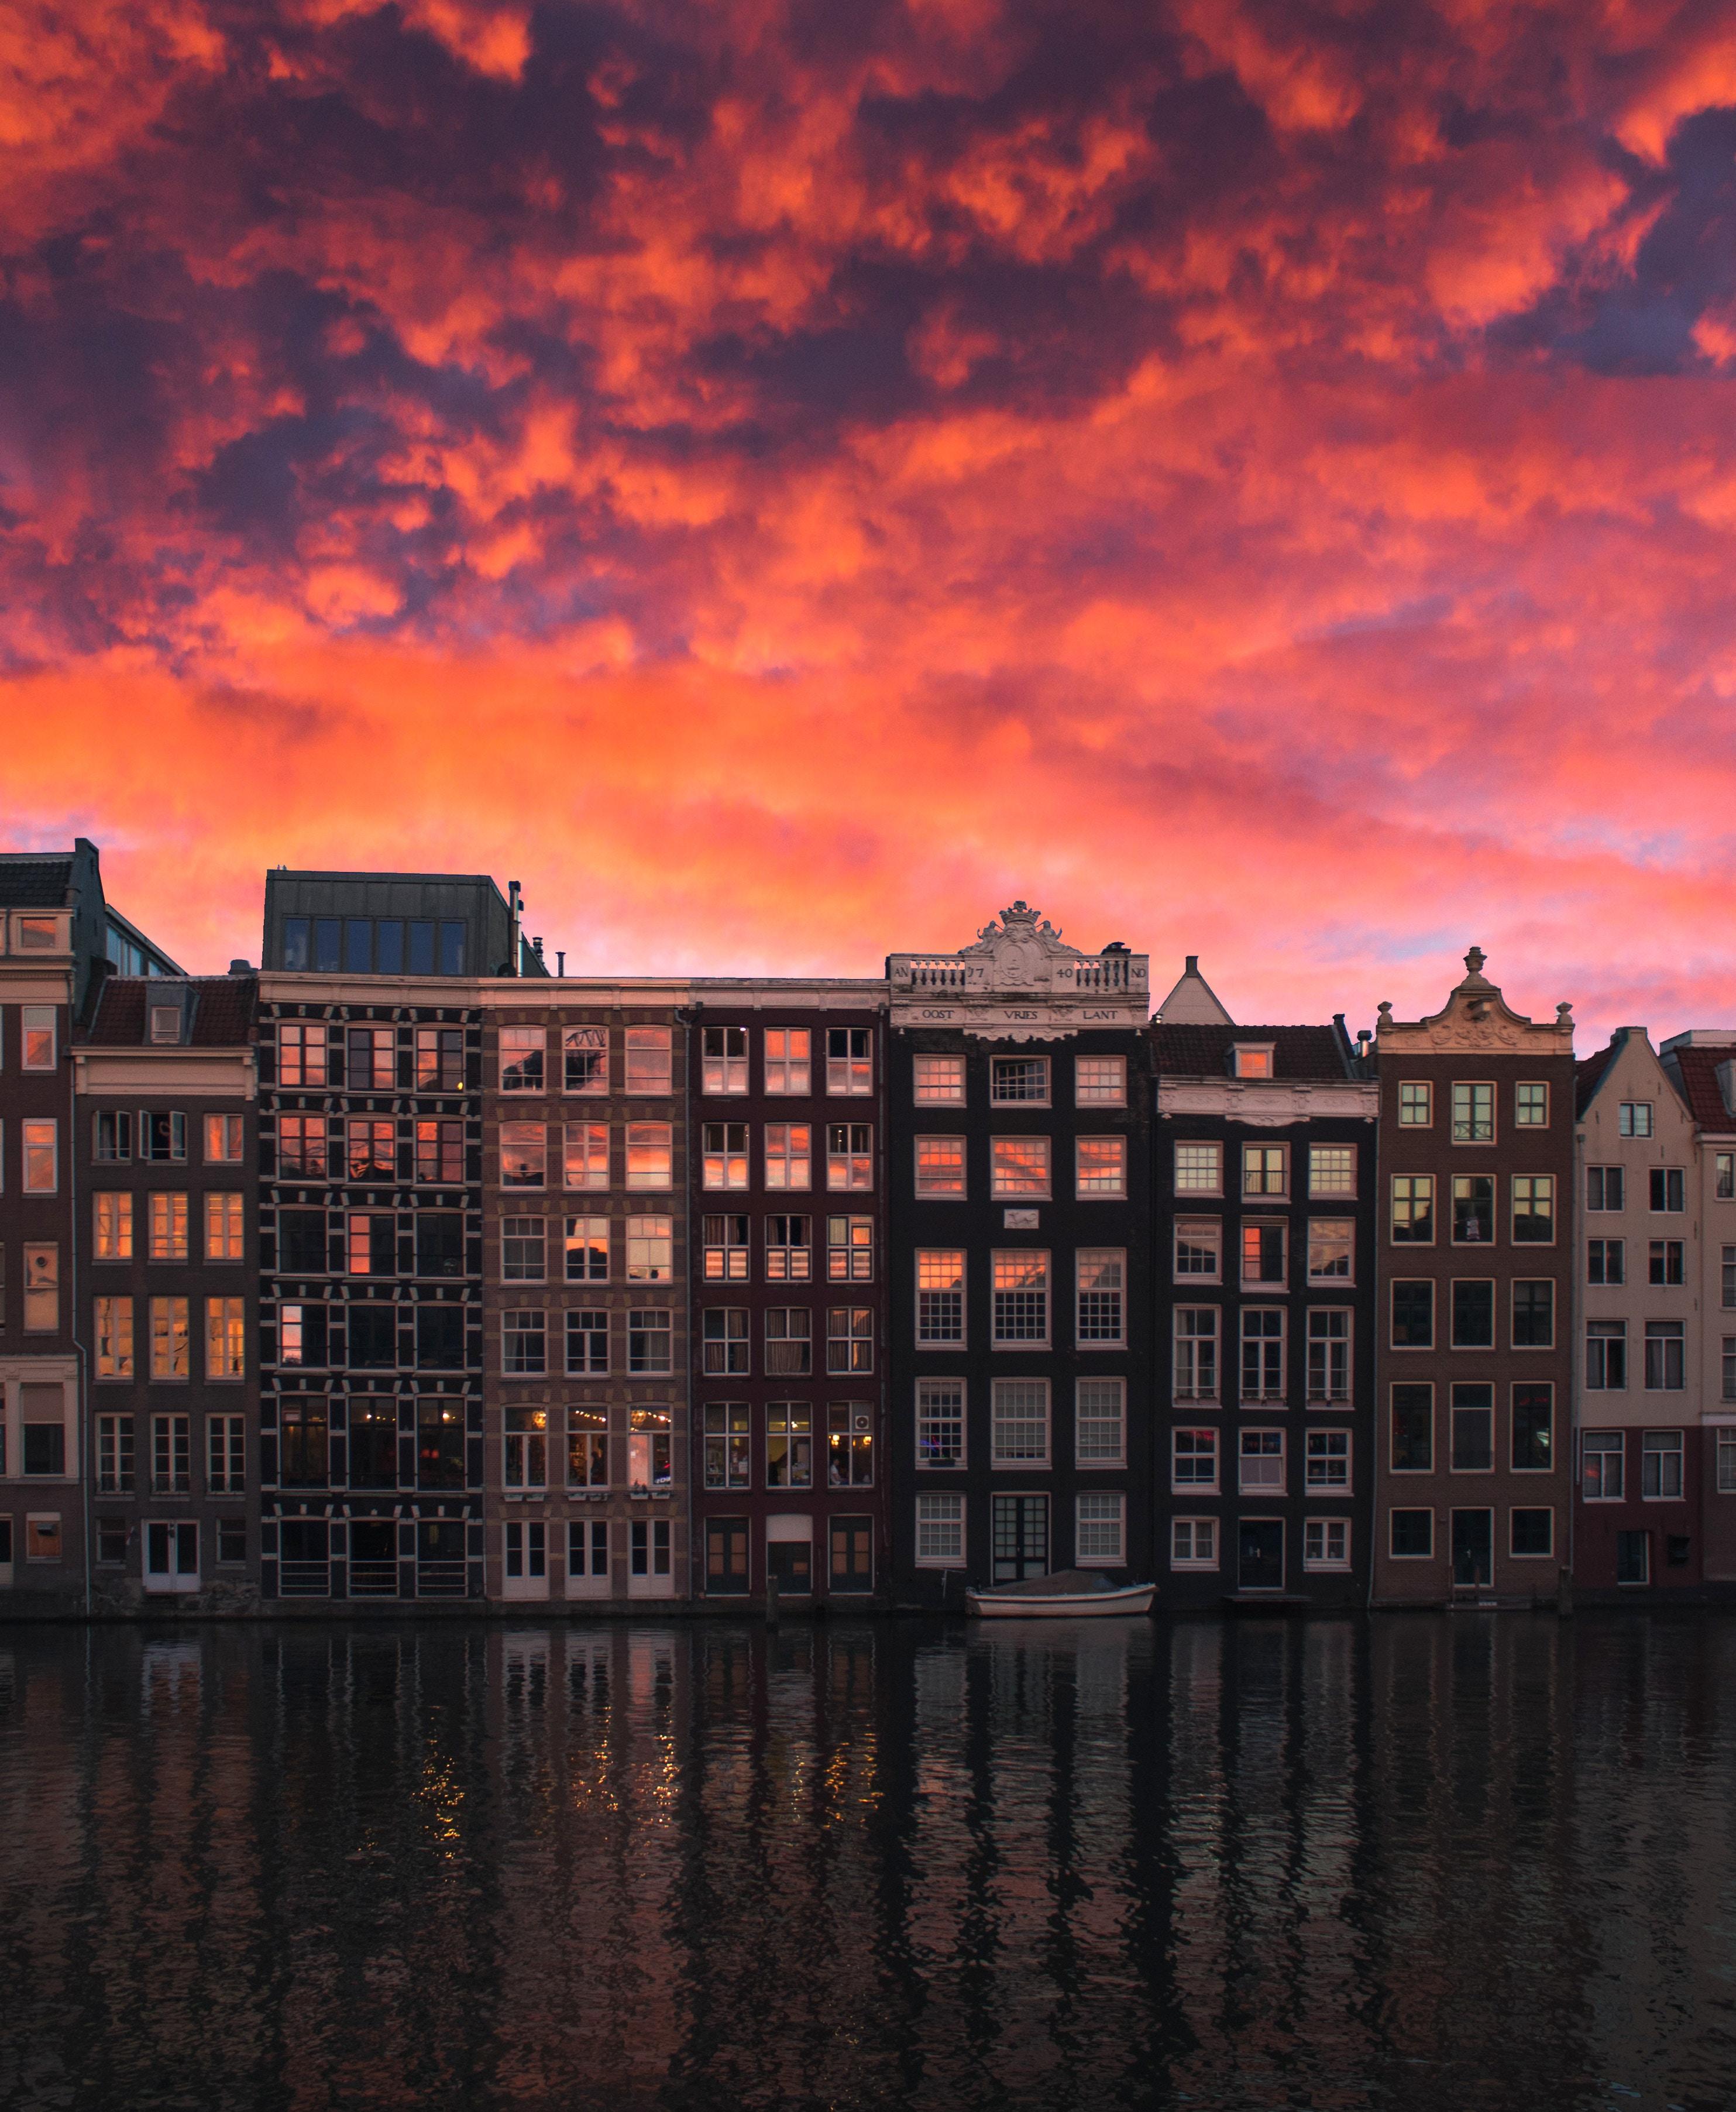 Kleding bedrukken Amsterdam stad